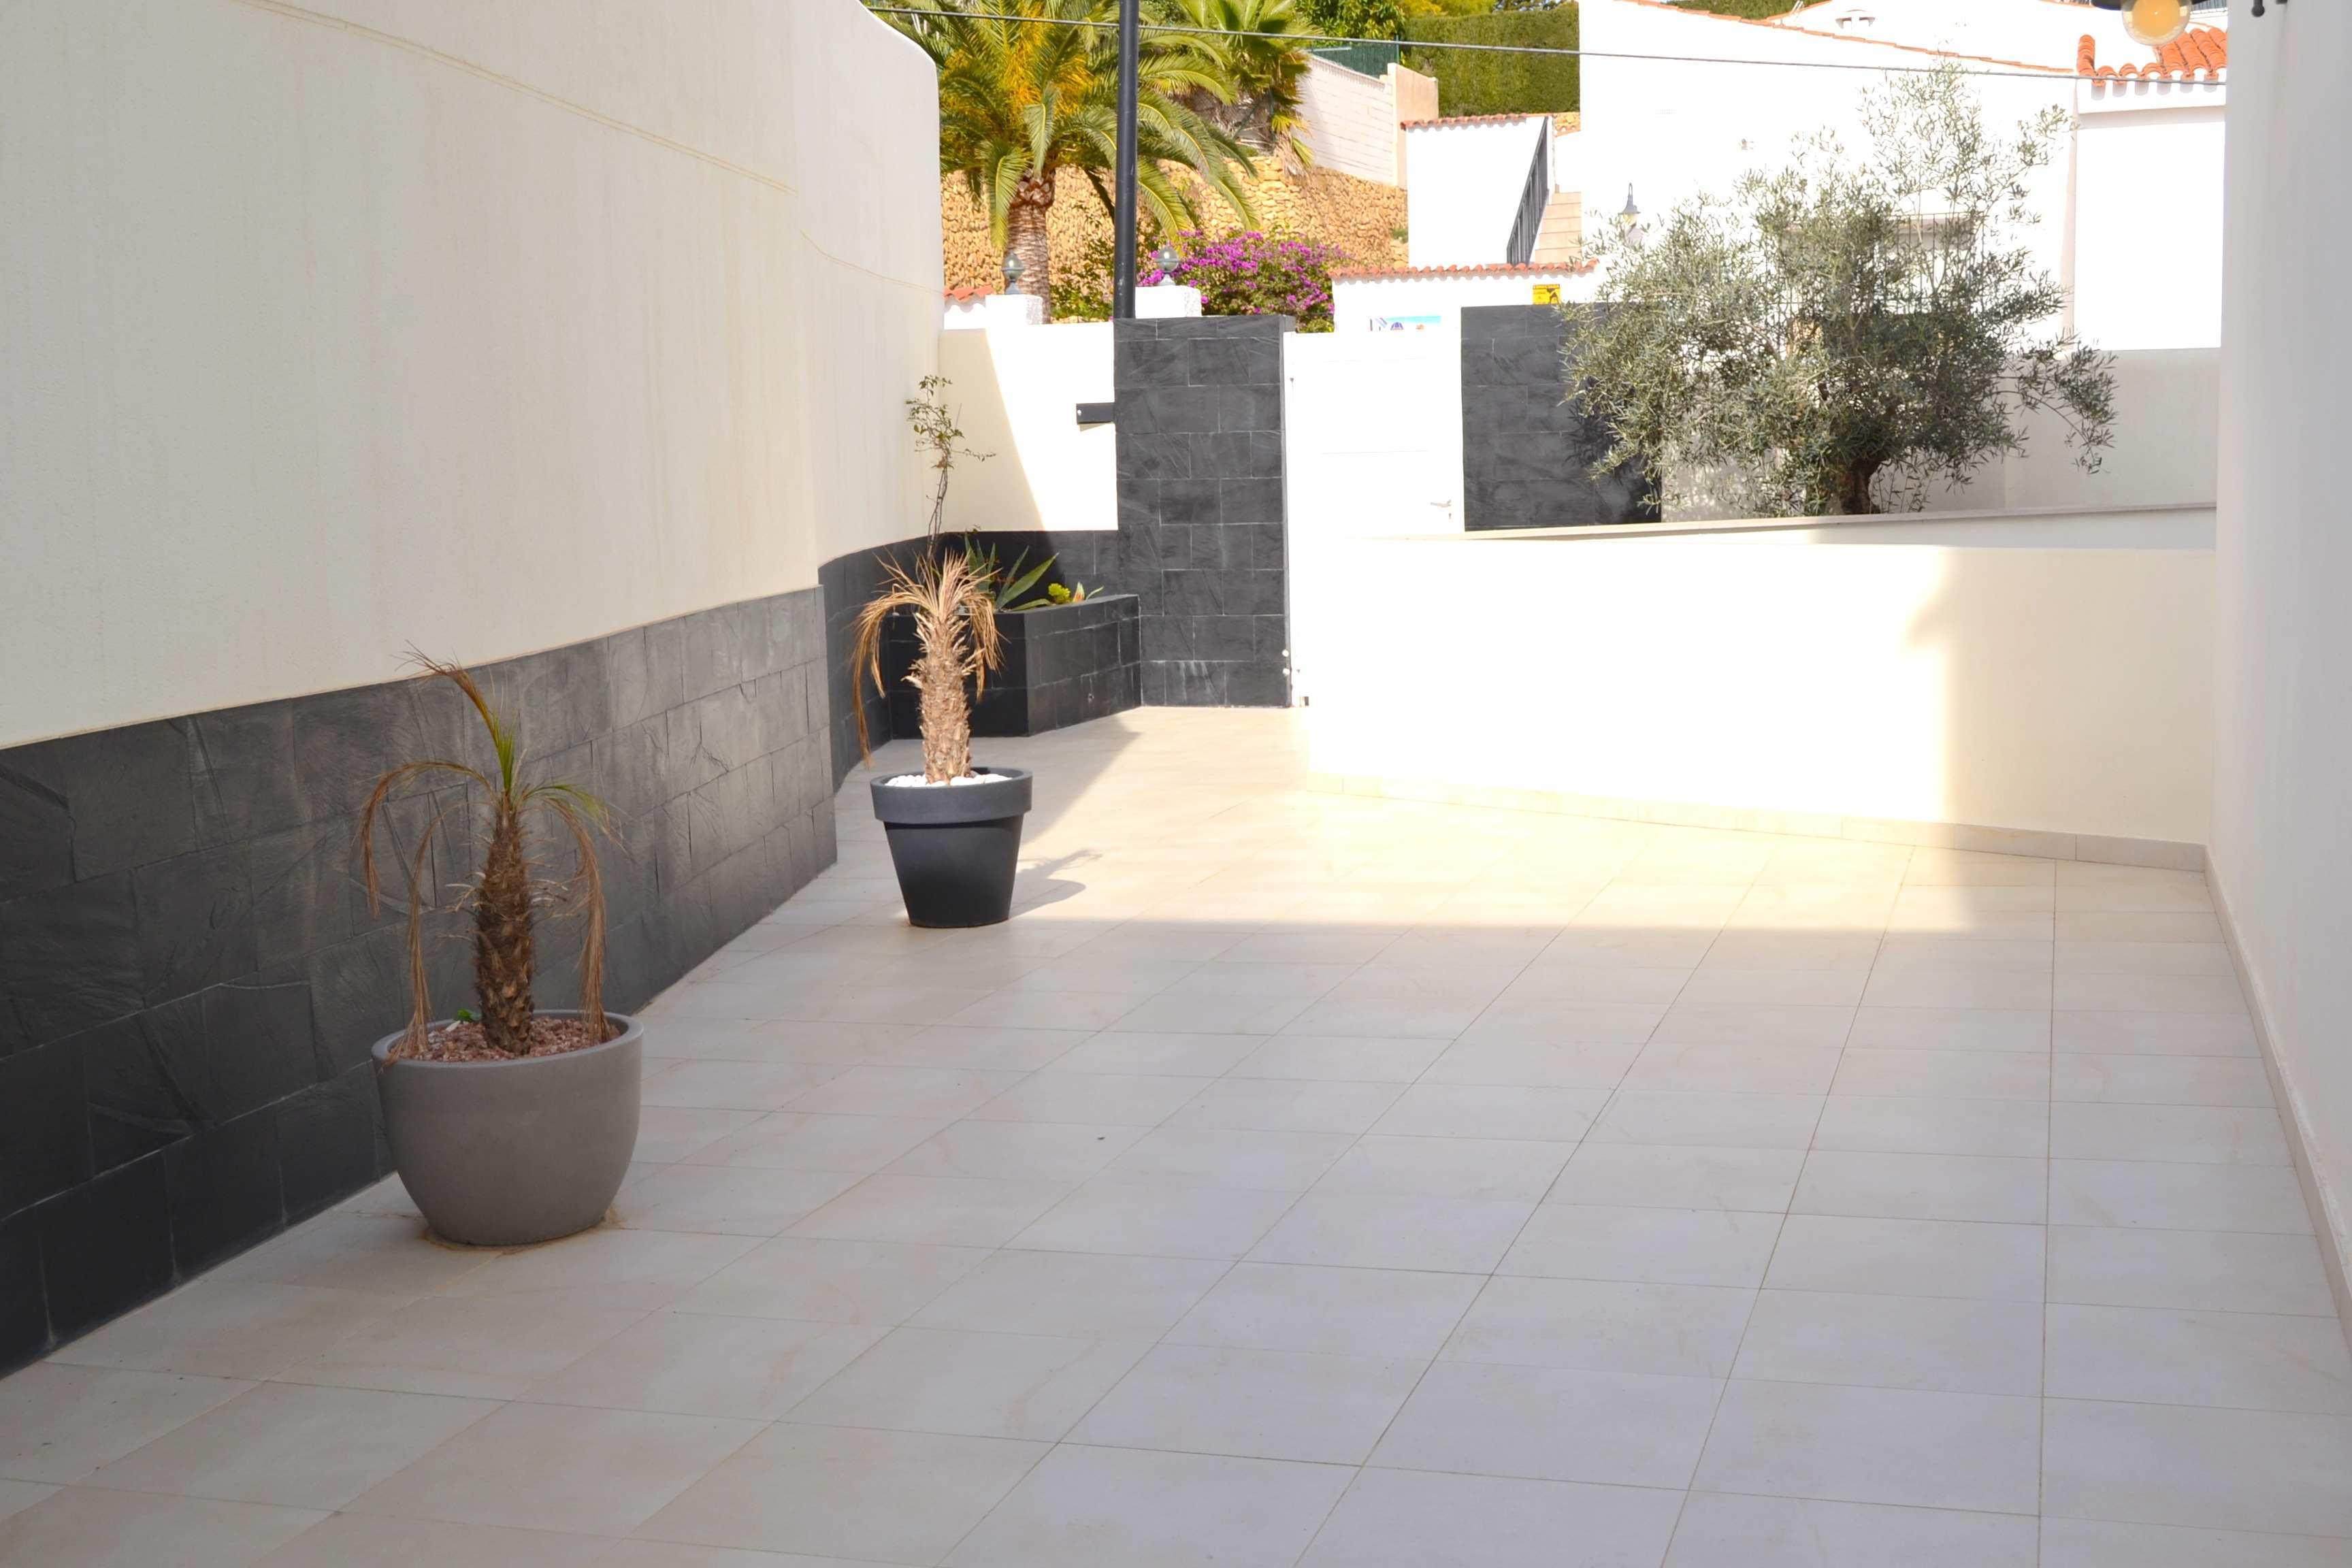 Chalet   Villa en venta en Alfaz del Pi, estilo moderno